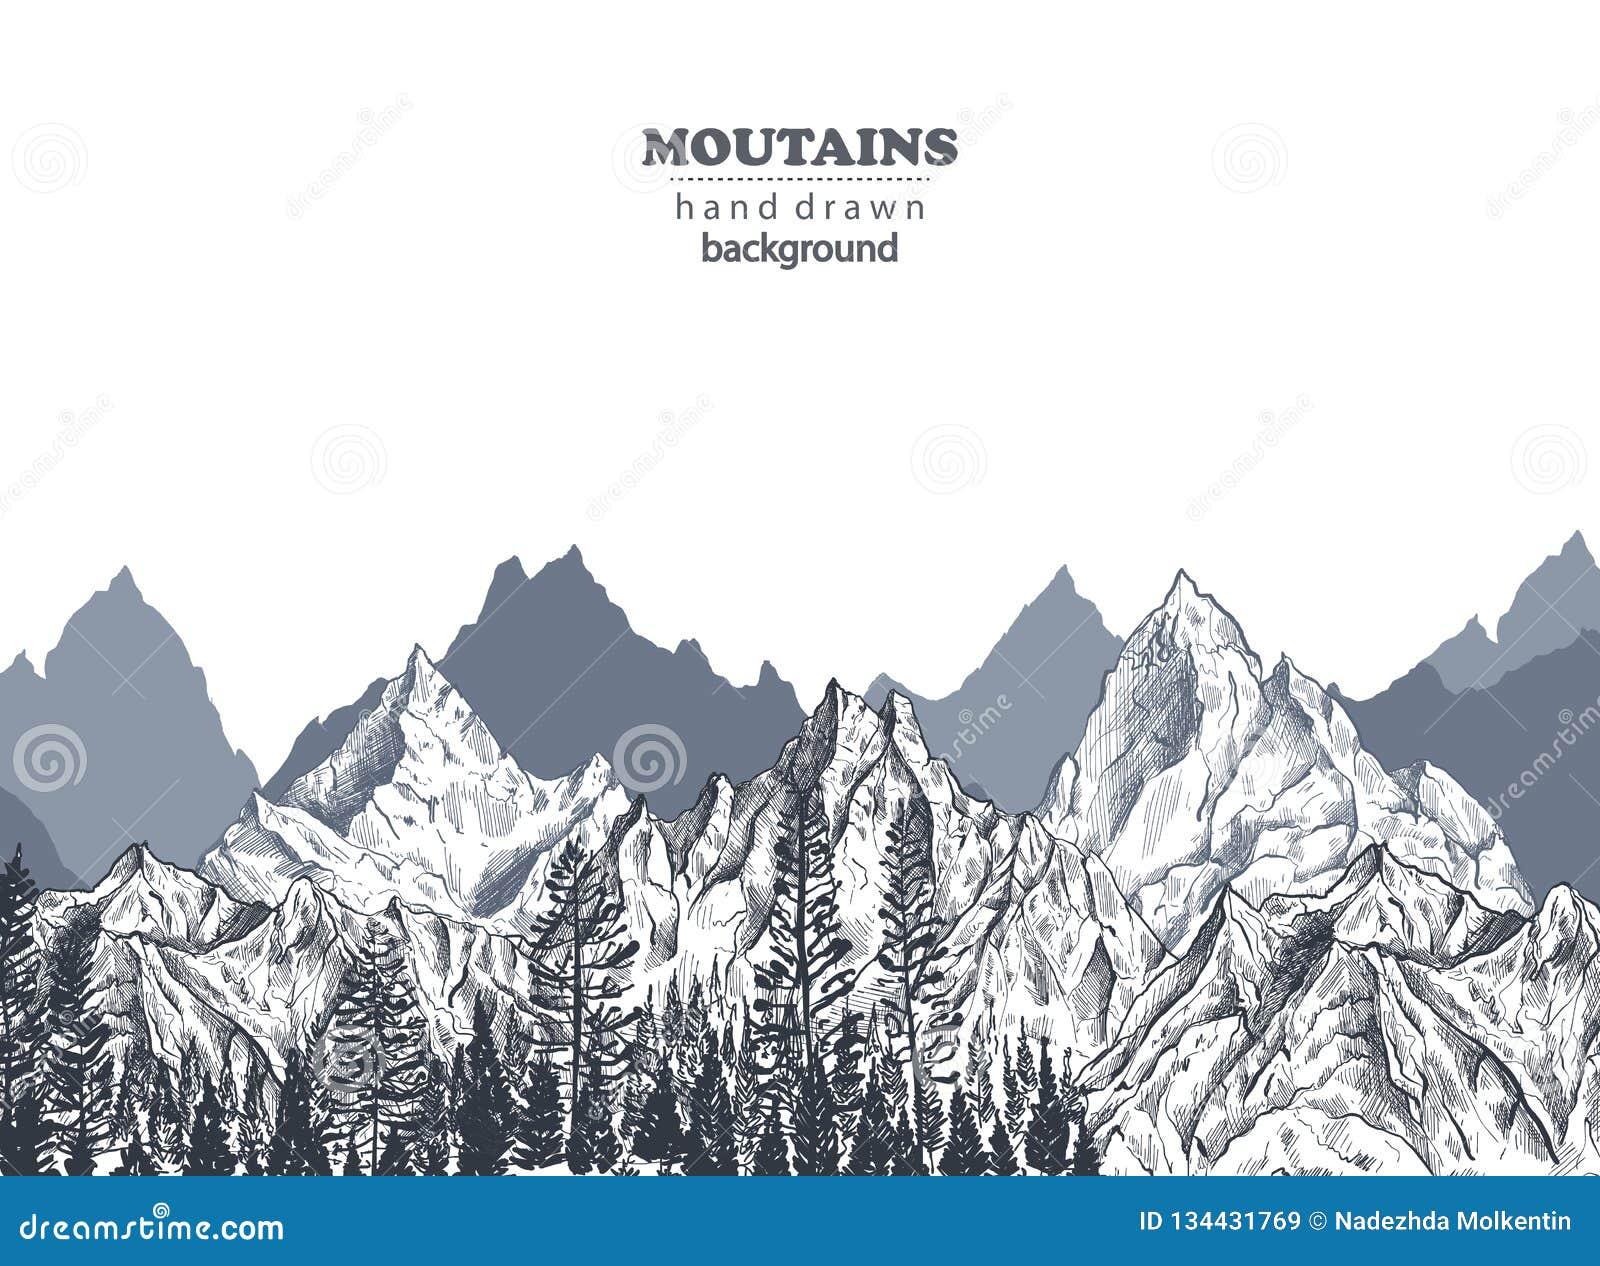 Vektorbakgrund med utdragna grafiska bergskedjor för hand